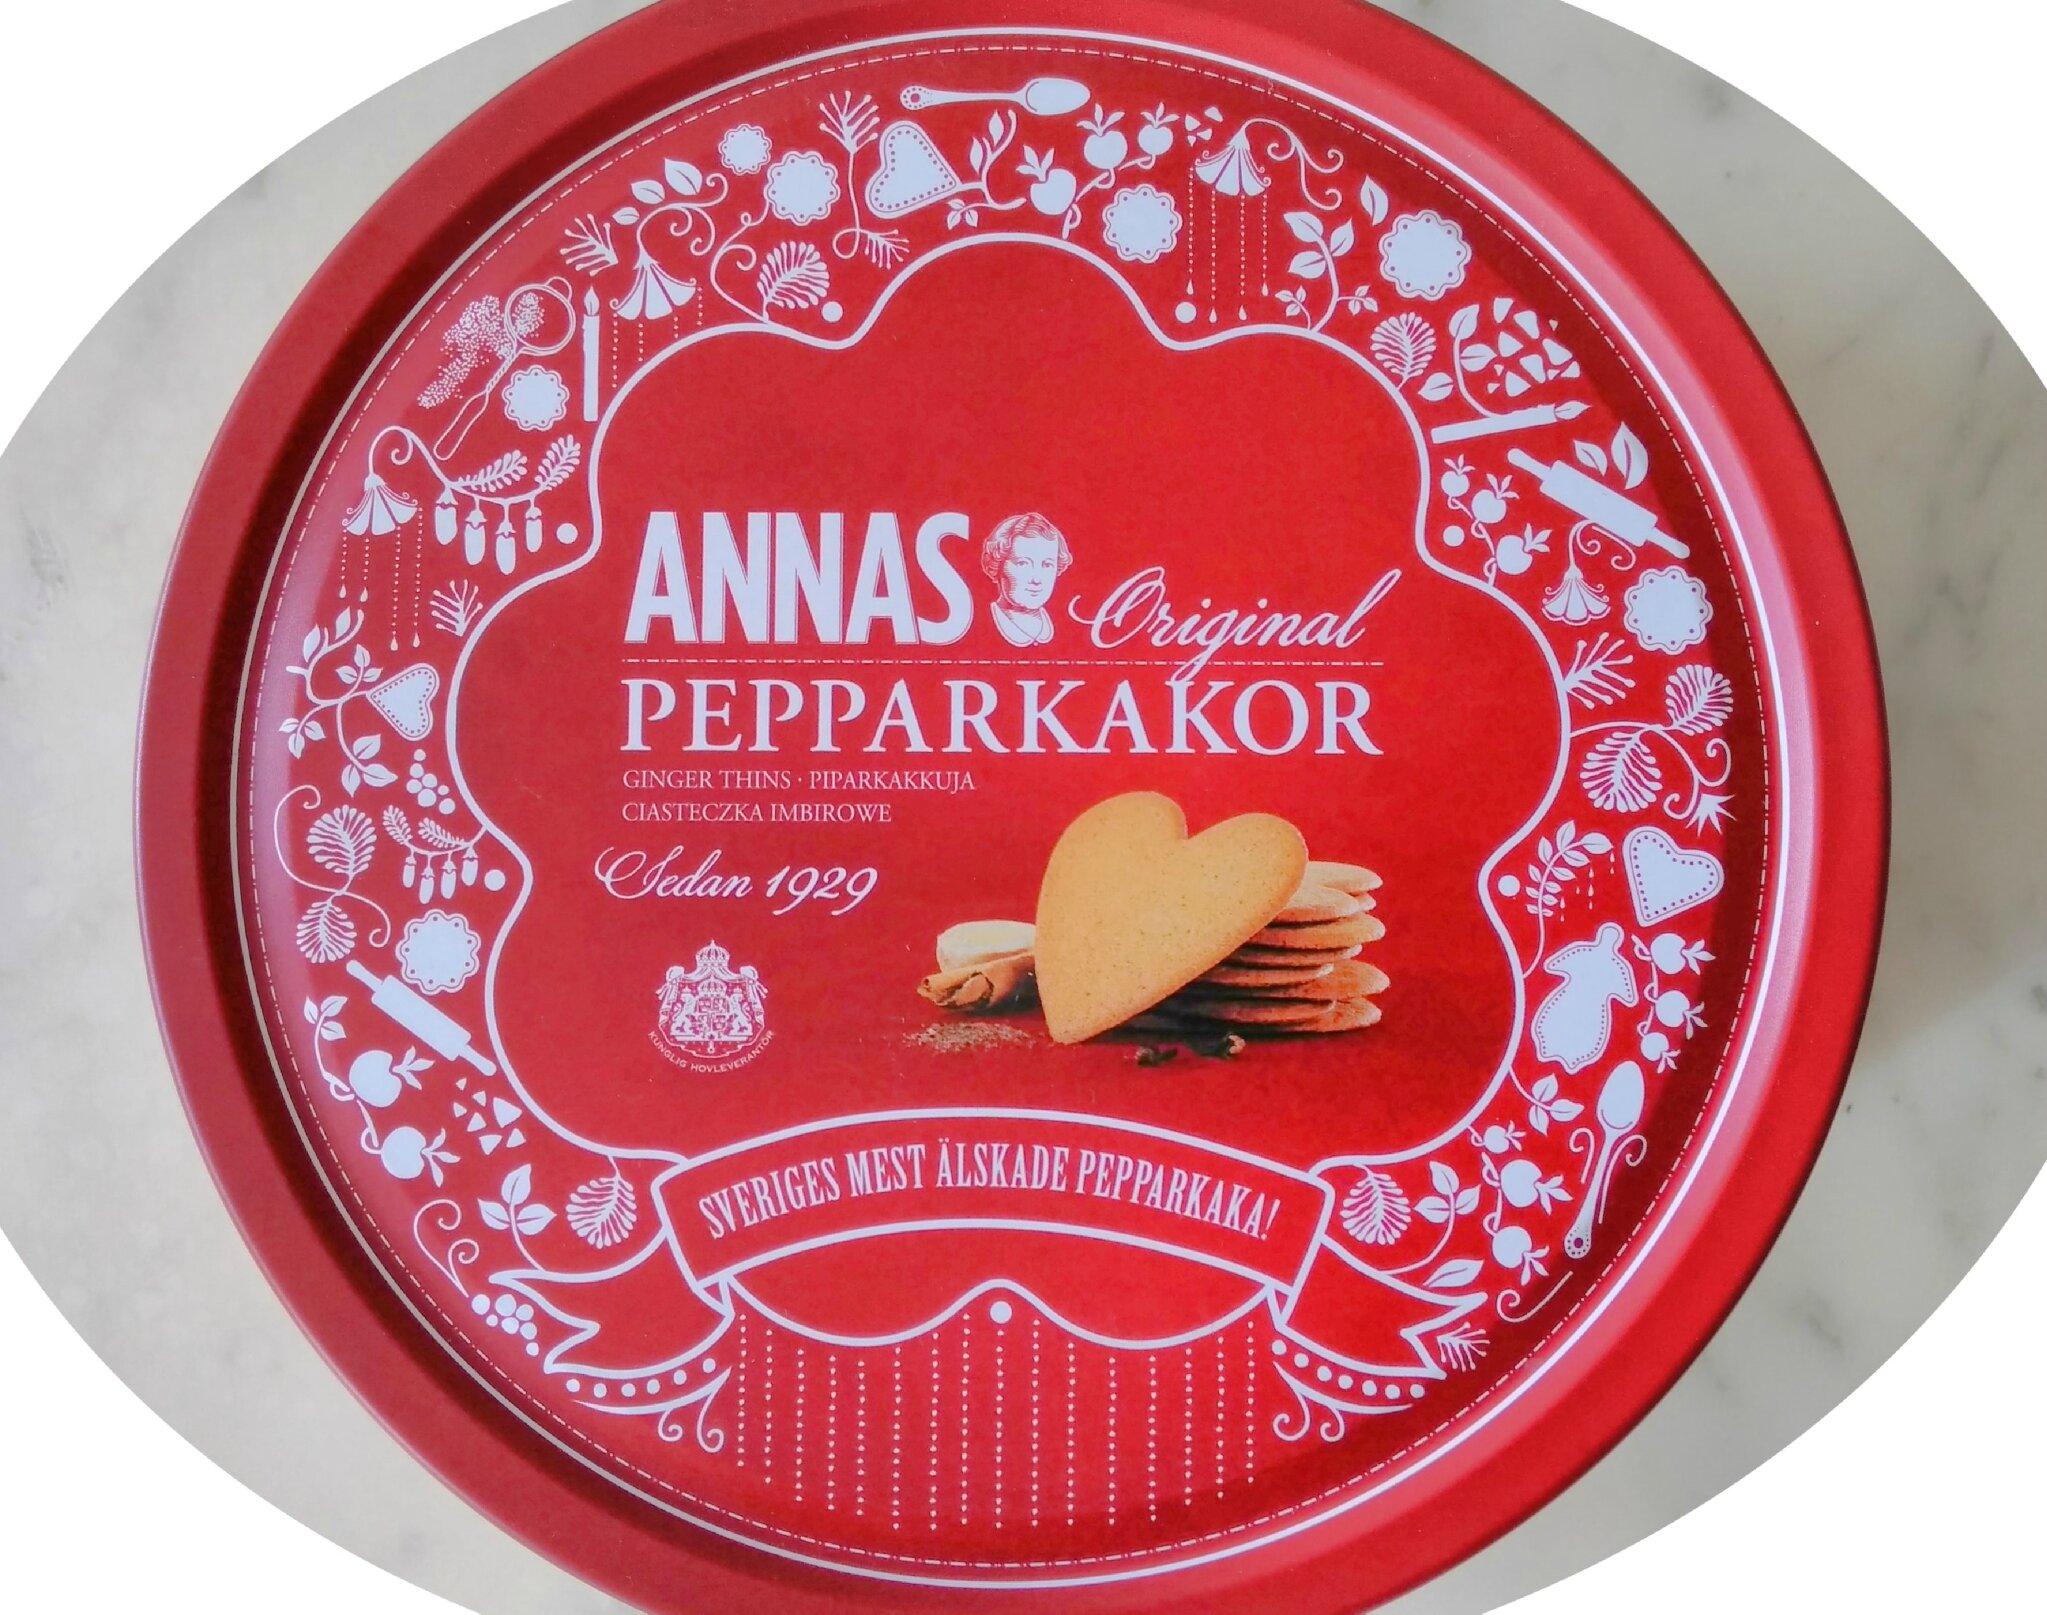 2ème dimanche de l'Avent en Suède avec les pepparkakor